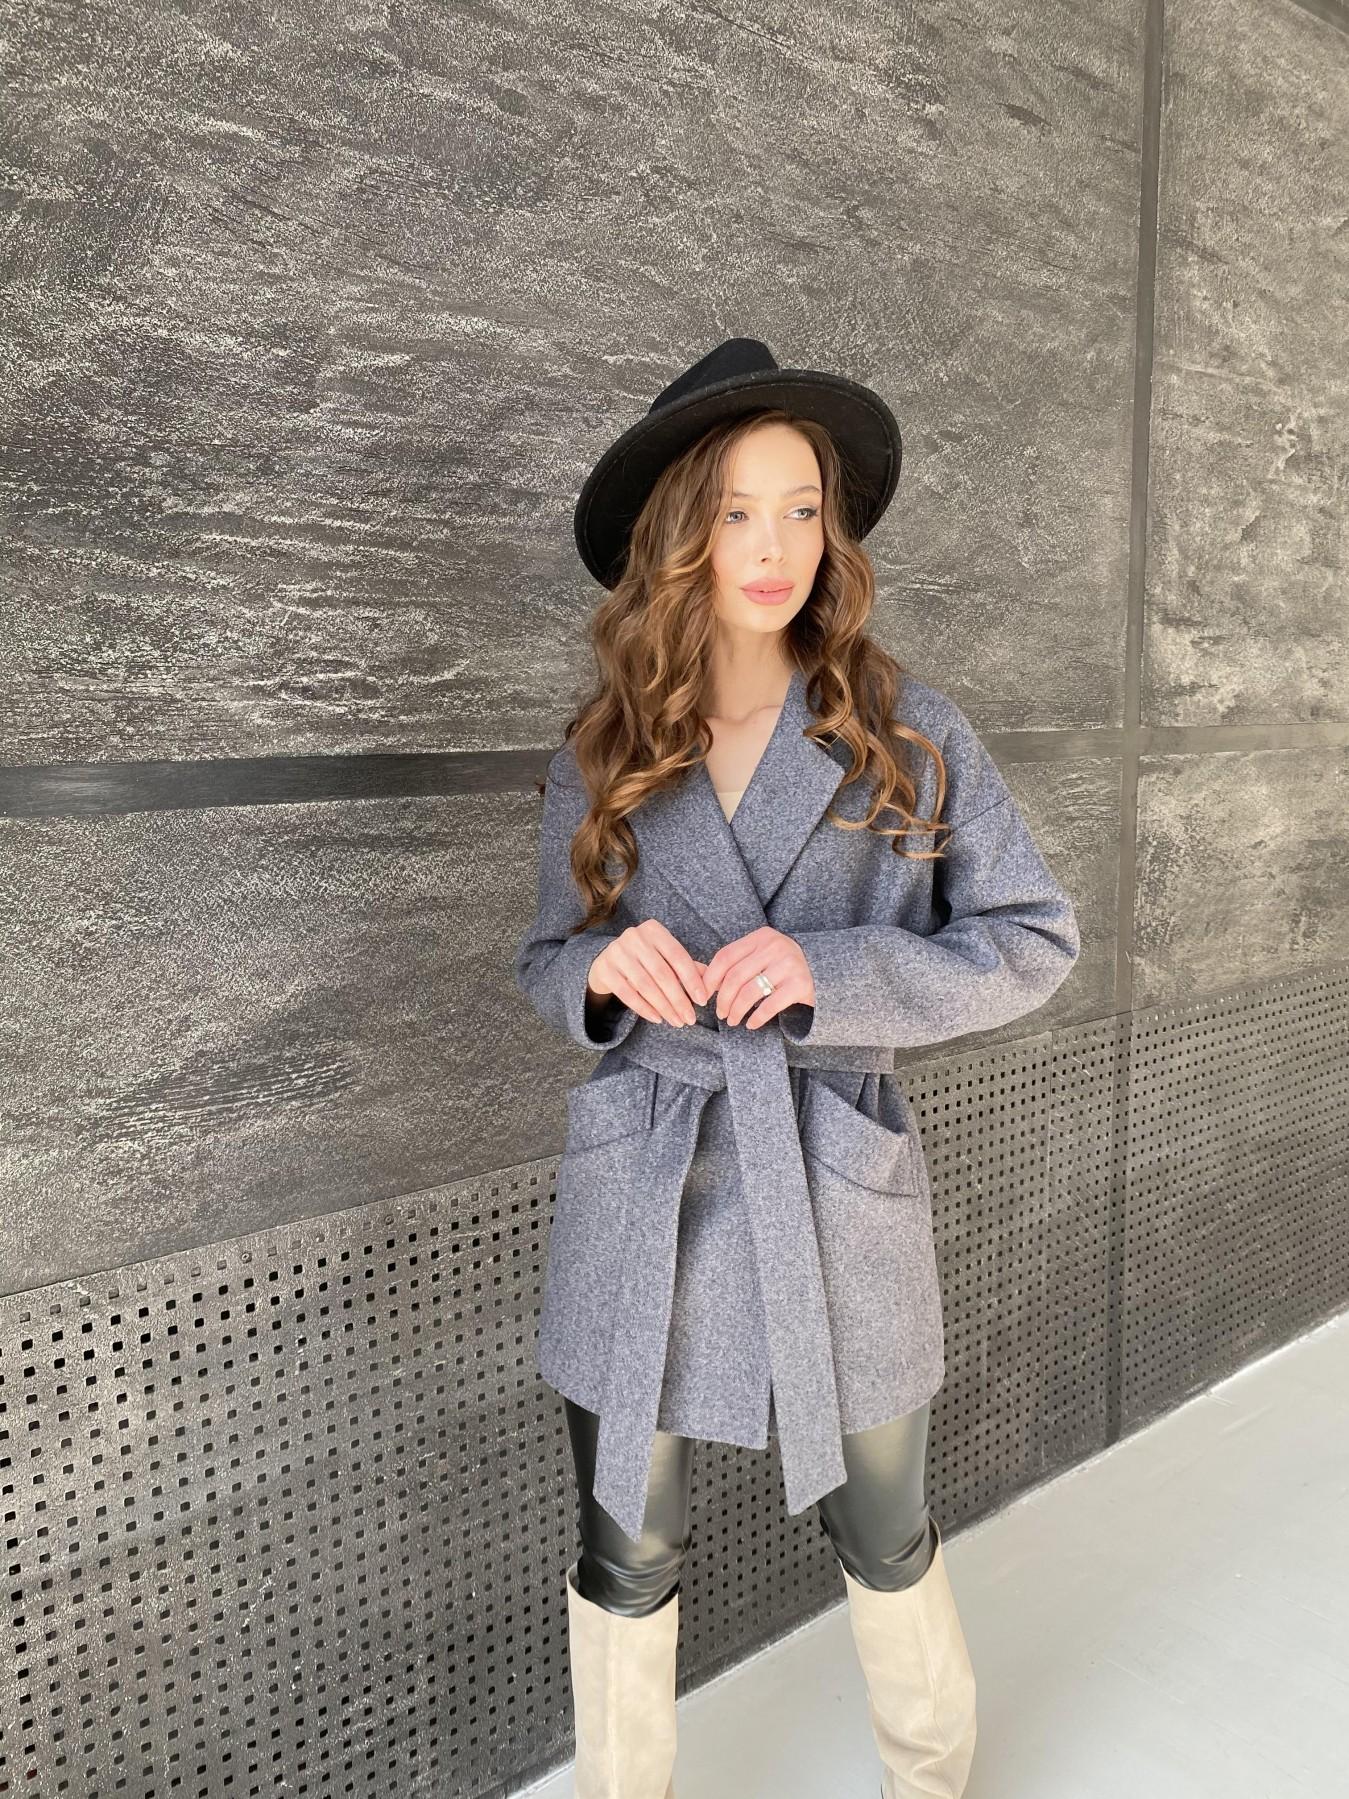 Бонд пальто  кашемировое меланж на трикотаже  10644 АРТ. 47182 Цвет: графит меланж - фото 5, интернет магазин tm-modus.ru